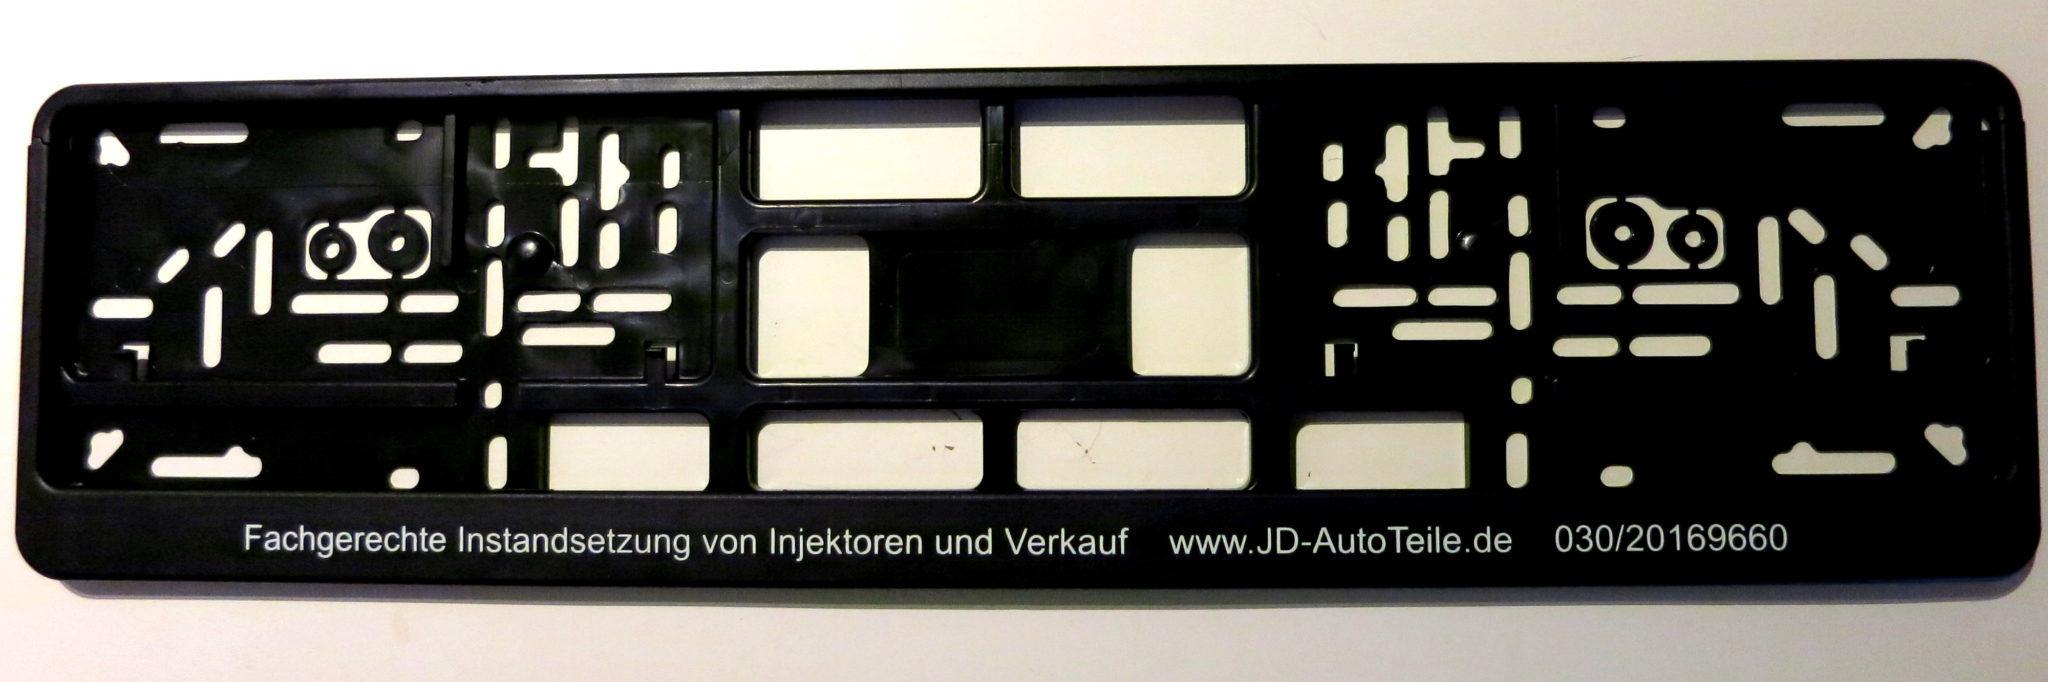 Fein Details Von Autoteilen Fotos - Elektrische Schaltplan-Ideen ...